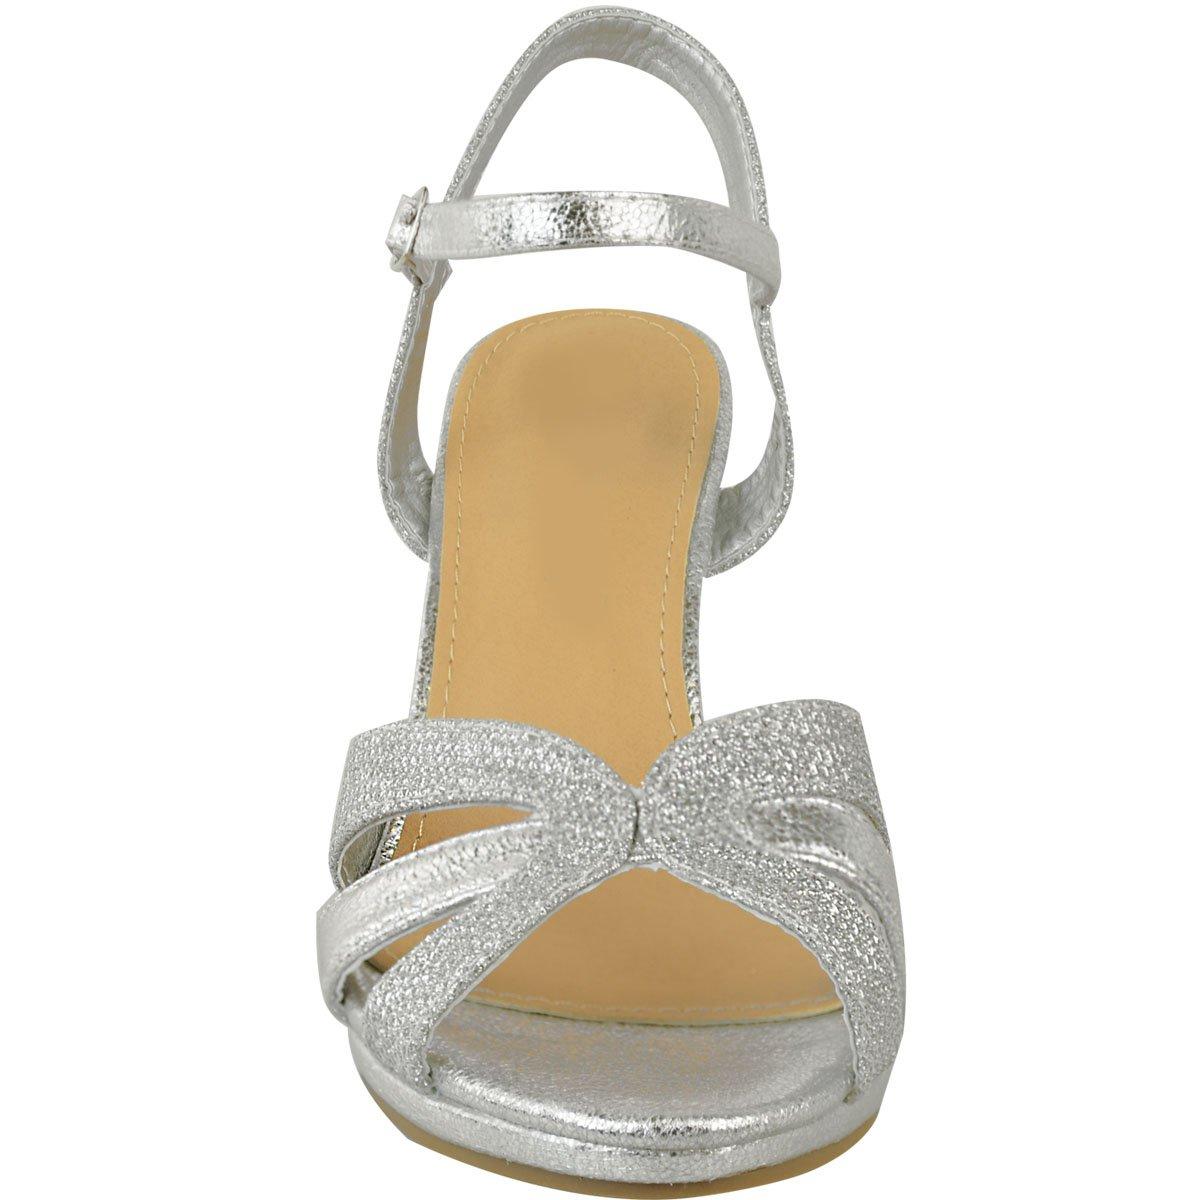 ef6c0f9257ba78 Fashion Thirsty Sandales à Lanières - Femme - Talon Large/Moyen - Paillette/ Fête/Mariée/Mariage: Amazon.fr: Chaussures et Sacs